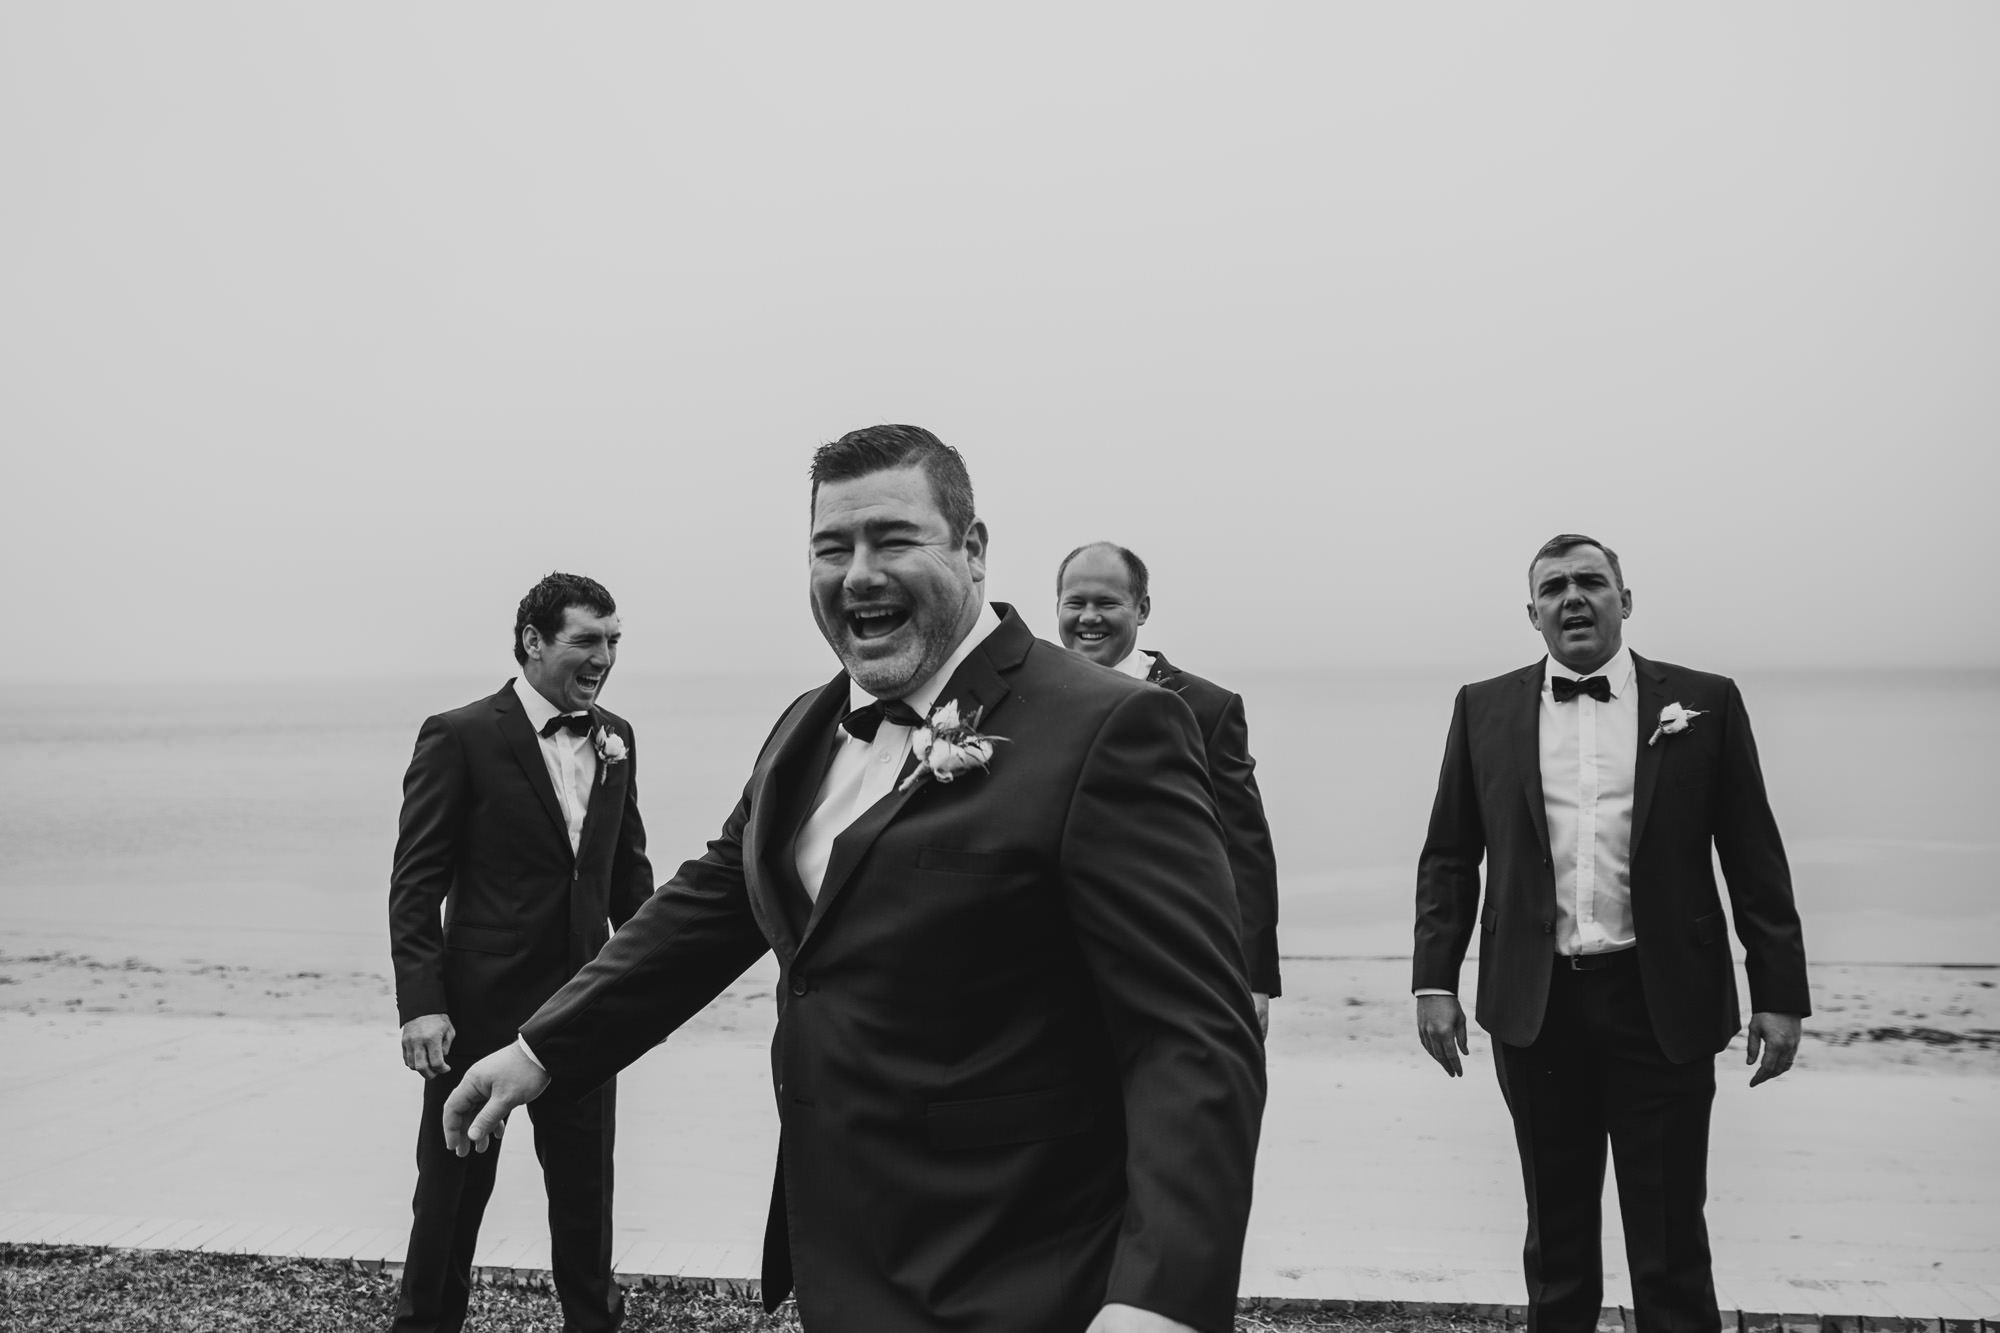 stanley park wedding